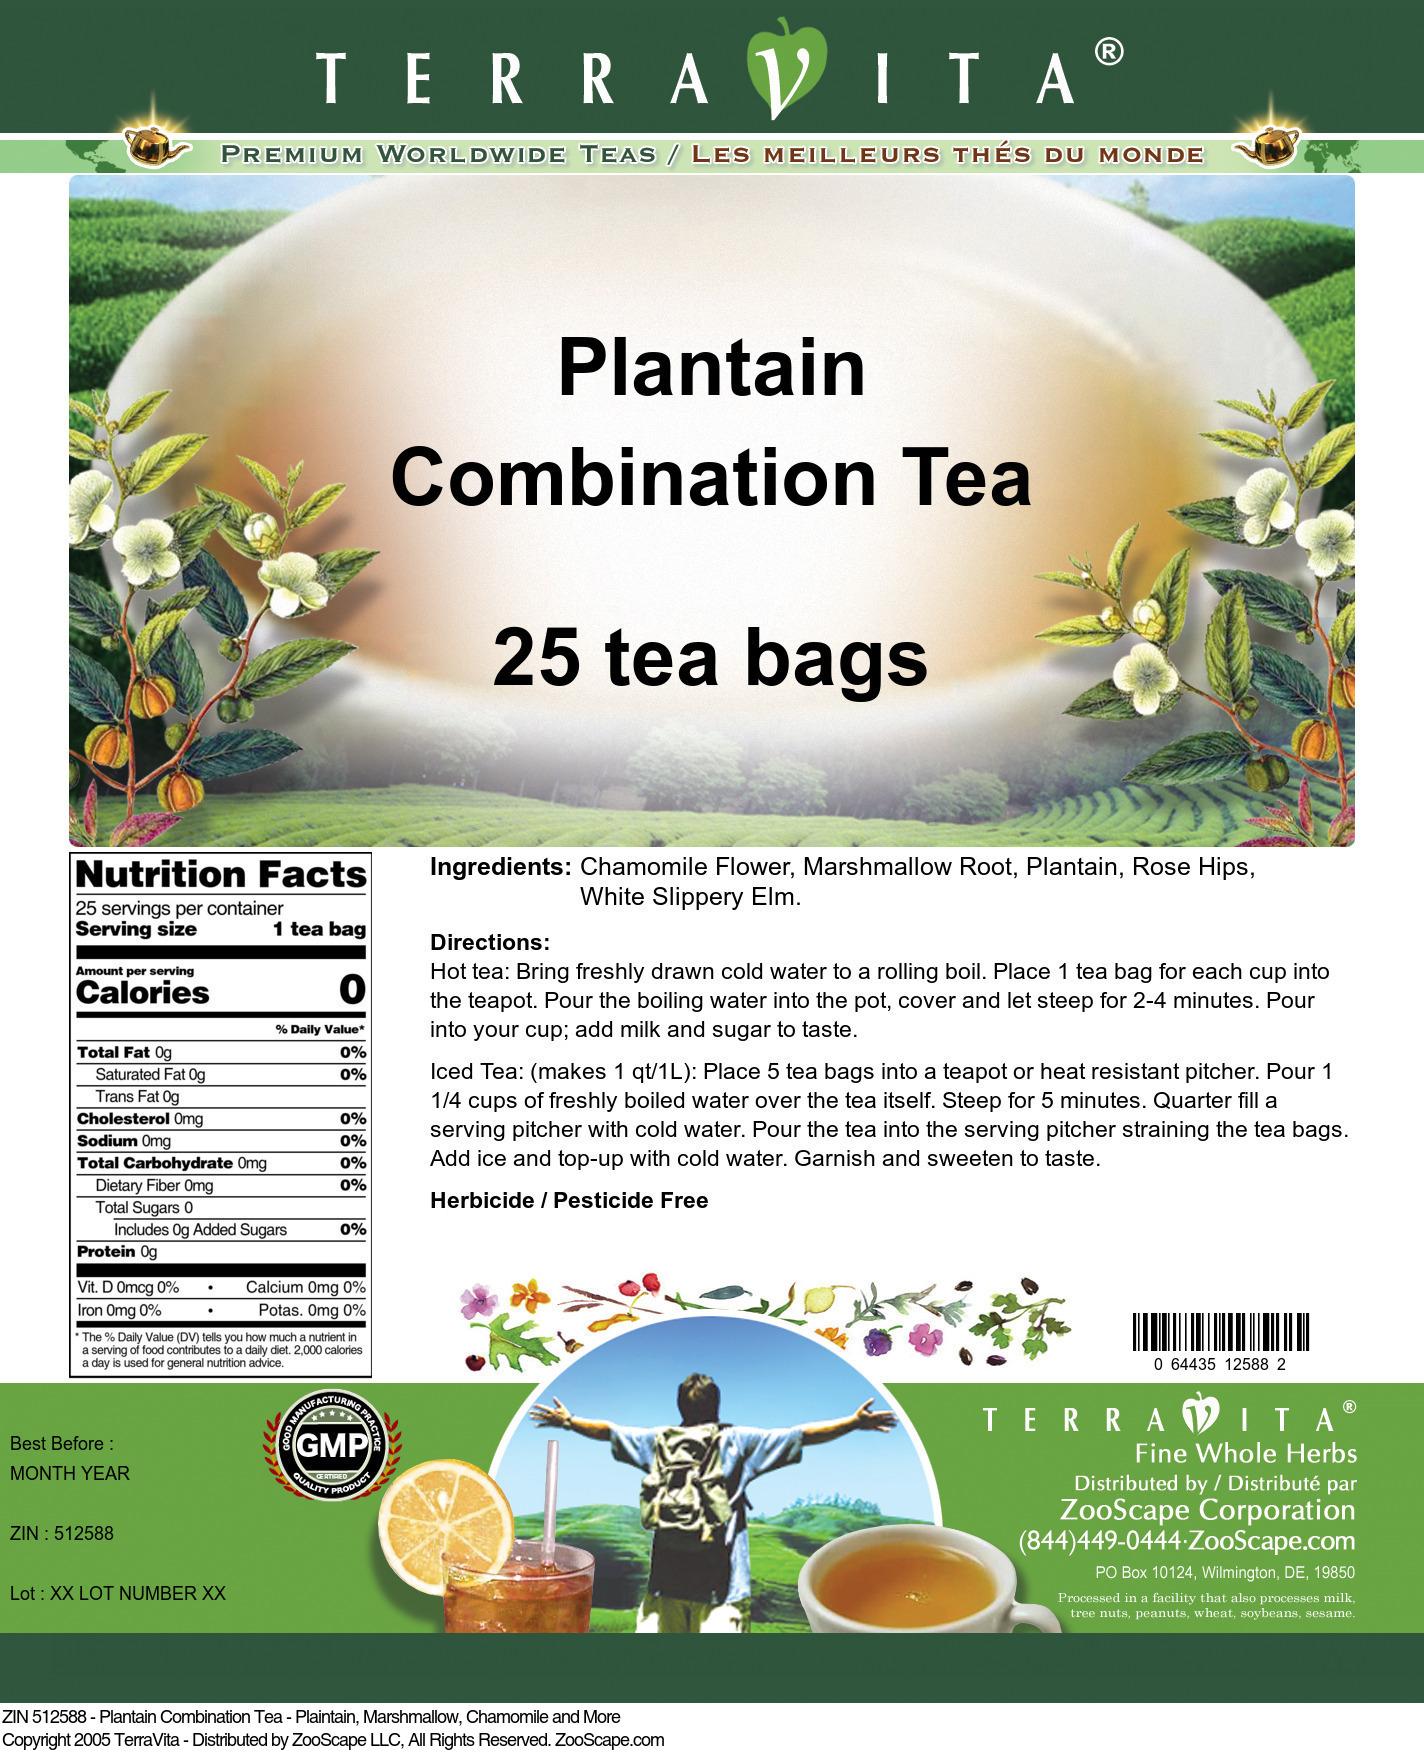 Plantain Combination